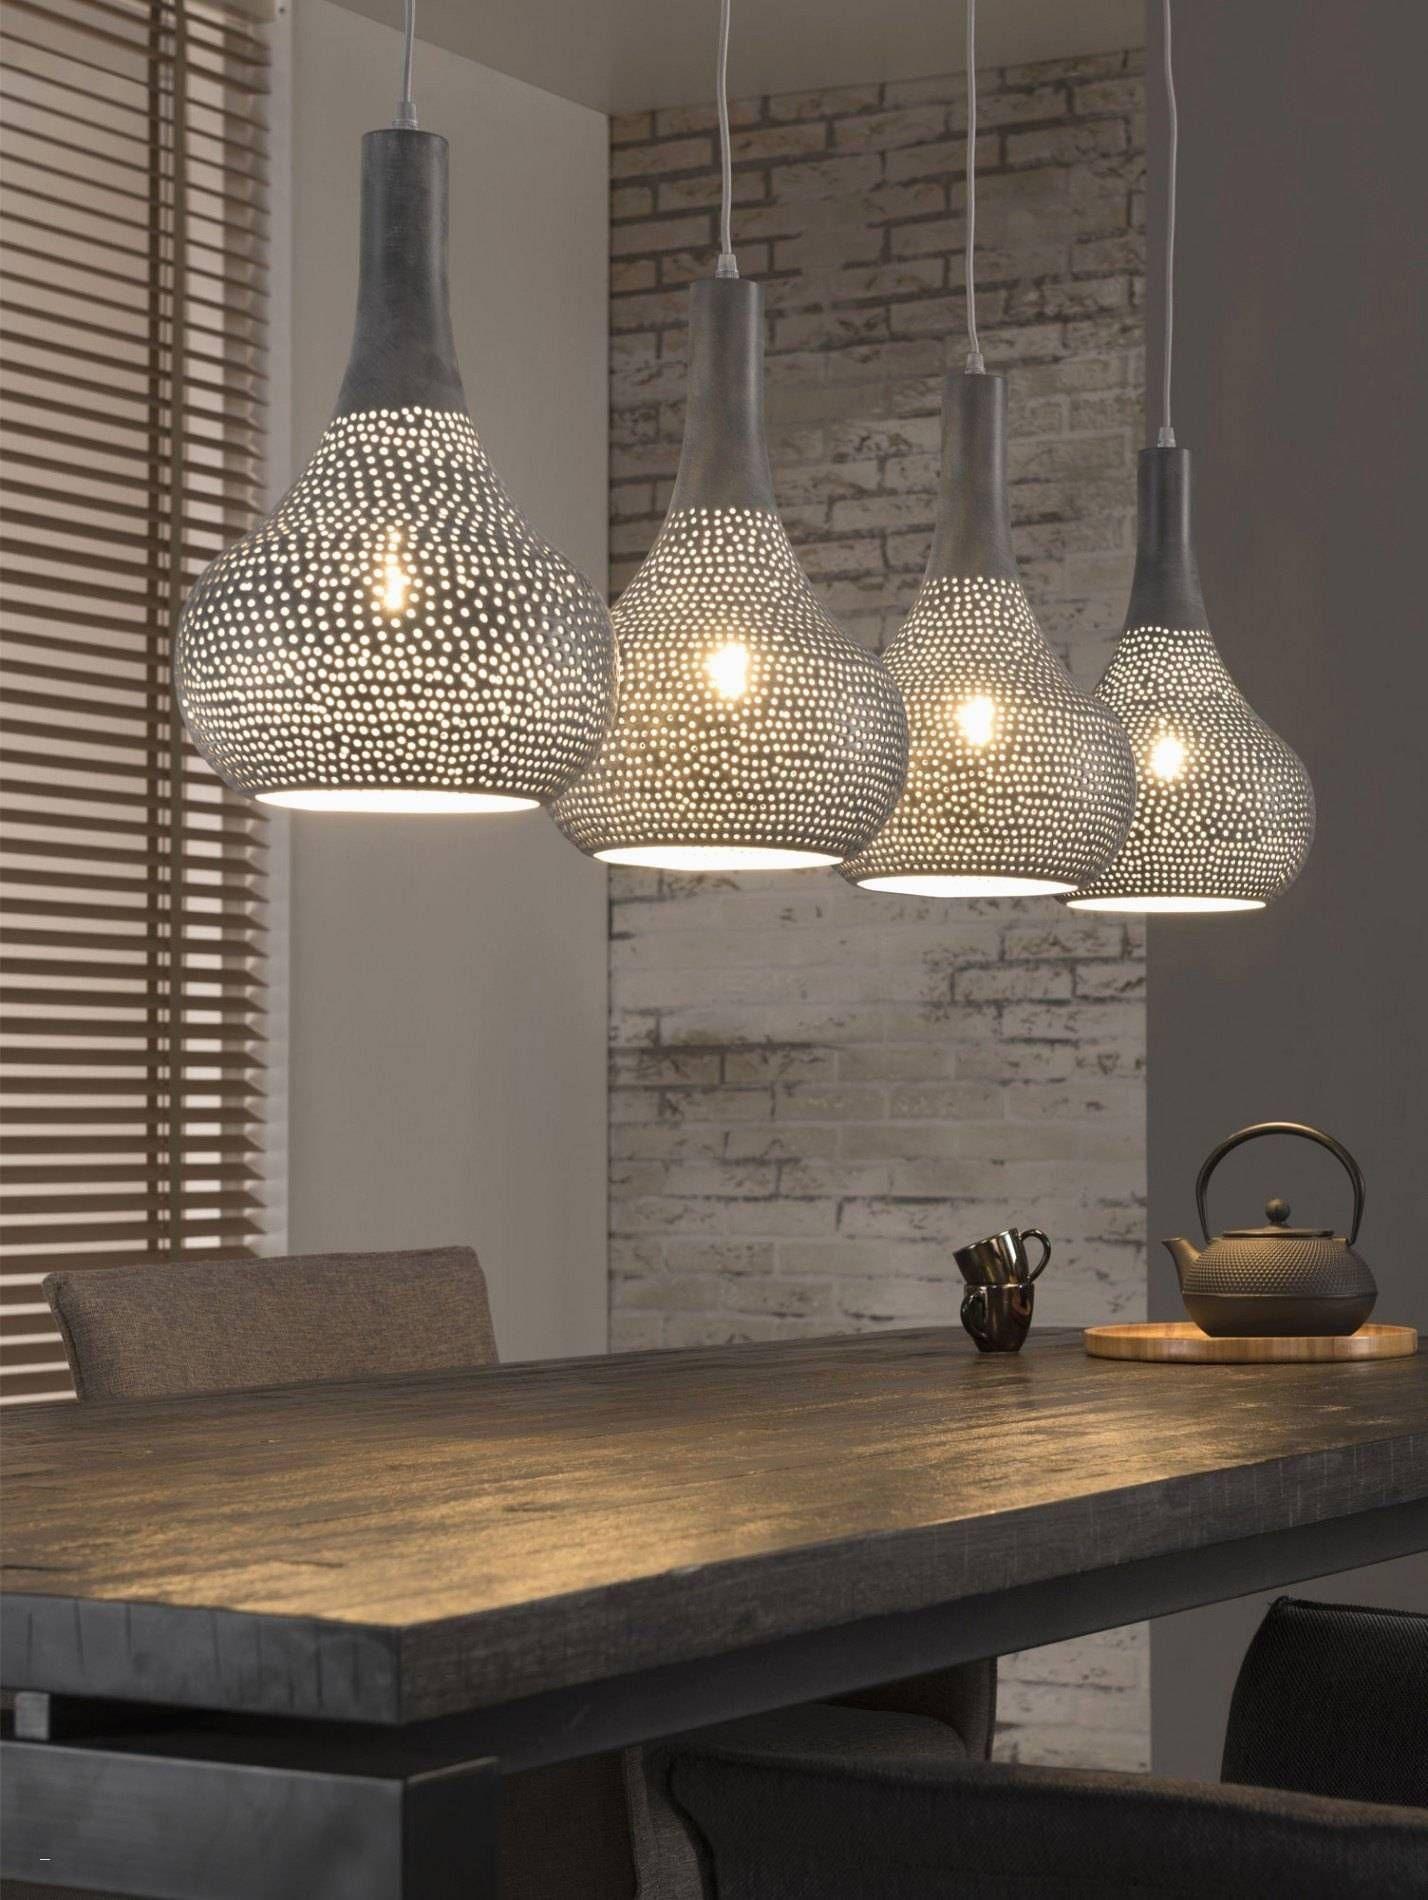 Schön Wohnzimmer Lampe Poco Inspirationen Lampen  Hanging lamp